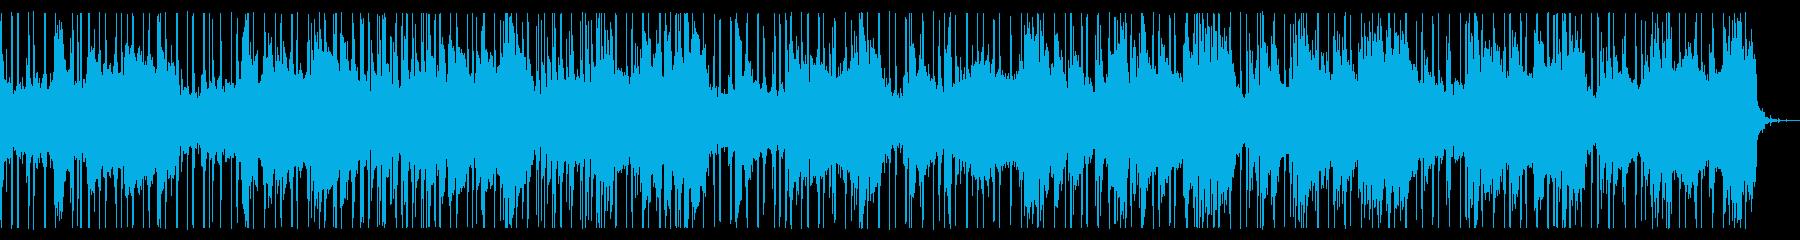 大人なR&B_No638_1の再生済みの波形